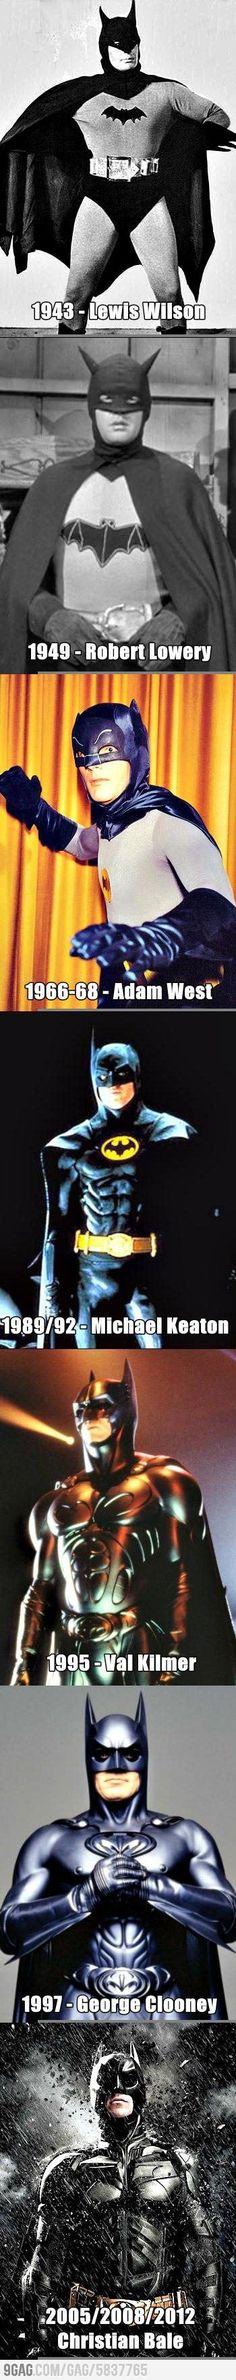 The Evolution of Batman Actors